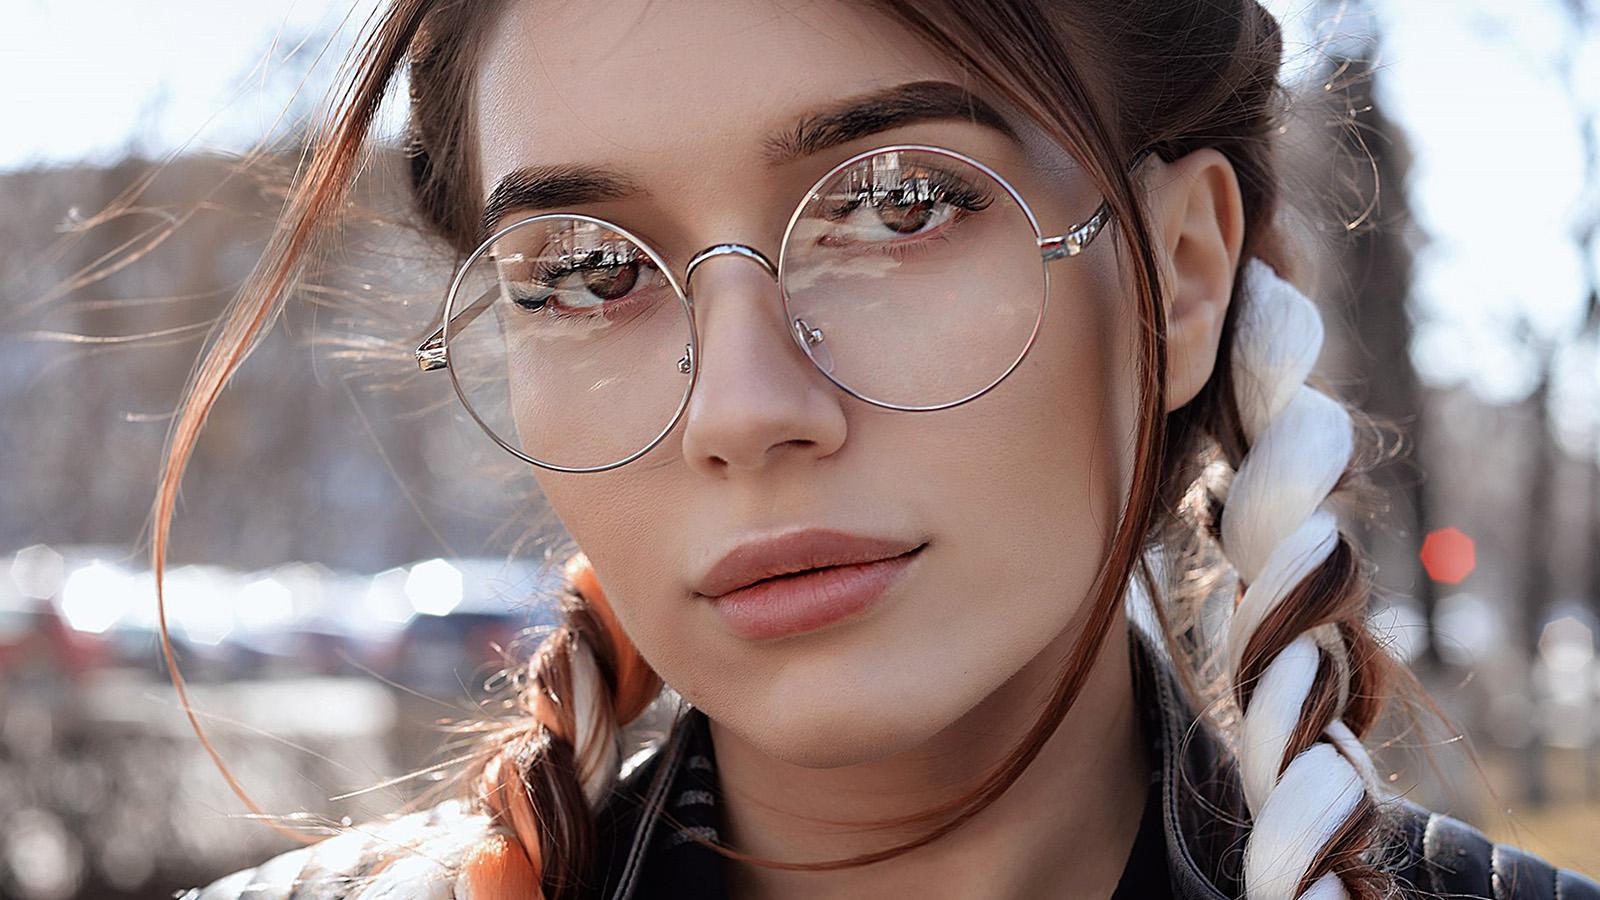 Cute Ladies Hd Wallpaper Hp49 Dua Lipa Girl Glasses Wallpaper